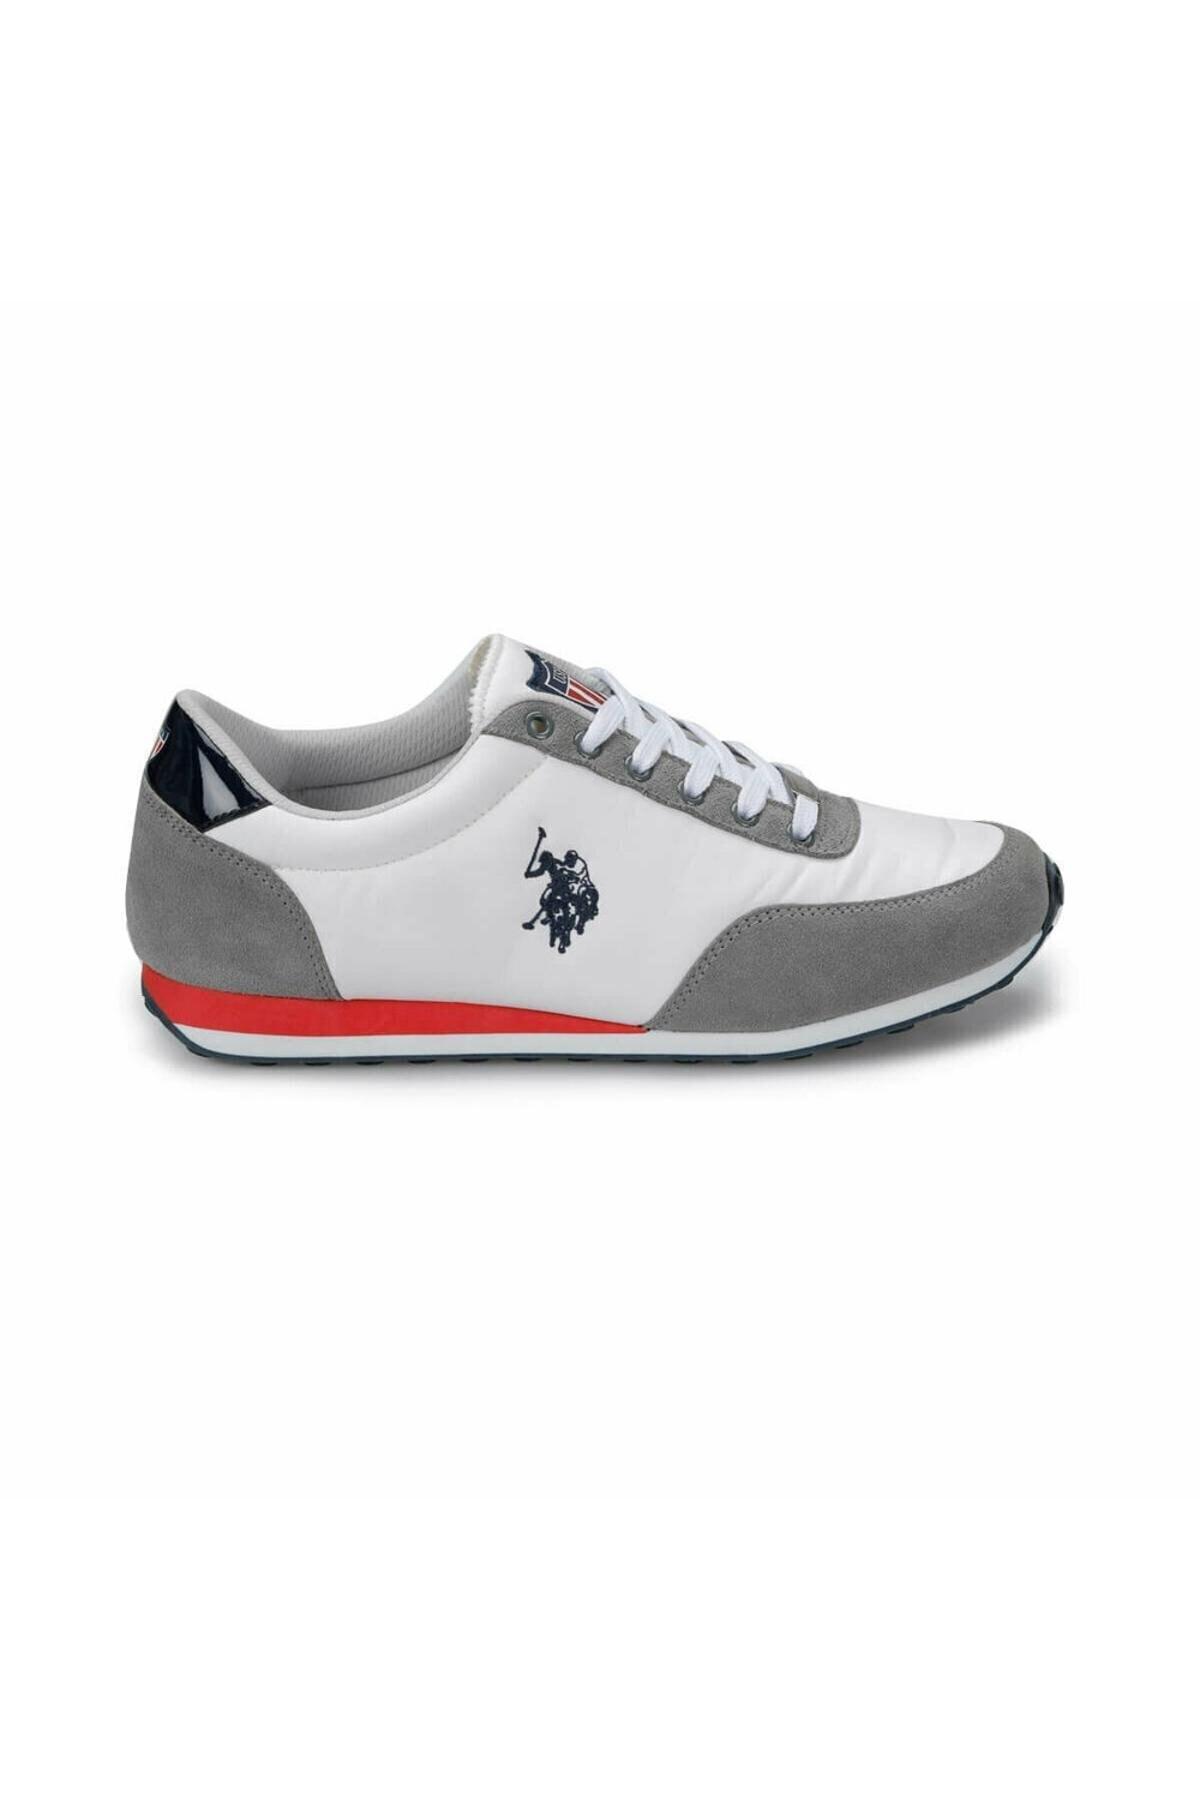 U.S. Polo Assn. Pacific Beyaz Erkek Spor Ayakkabı 2